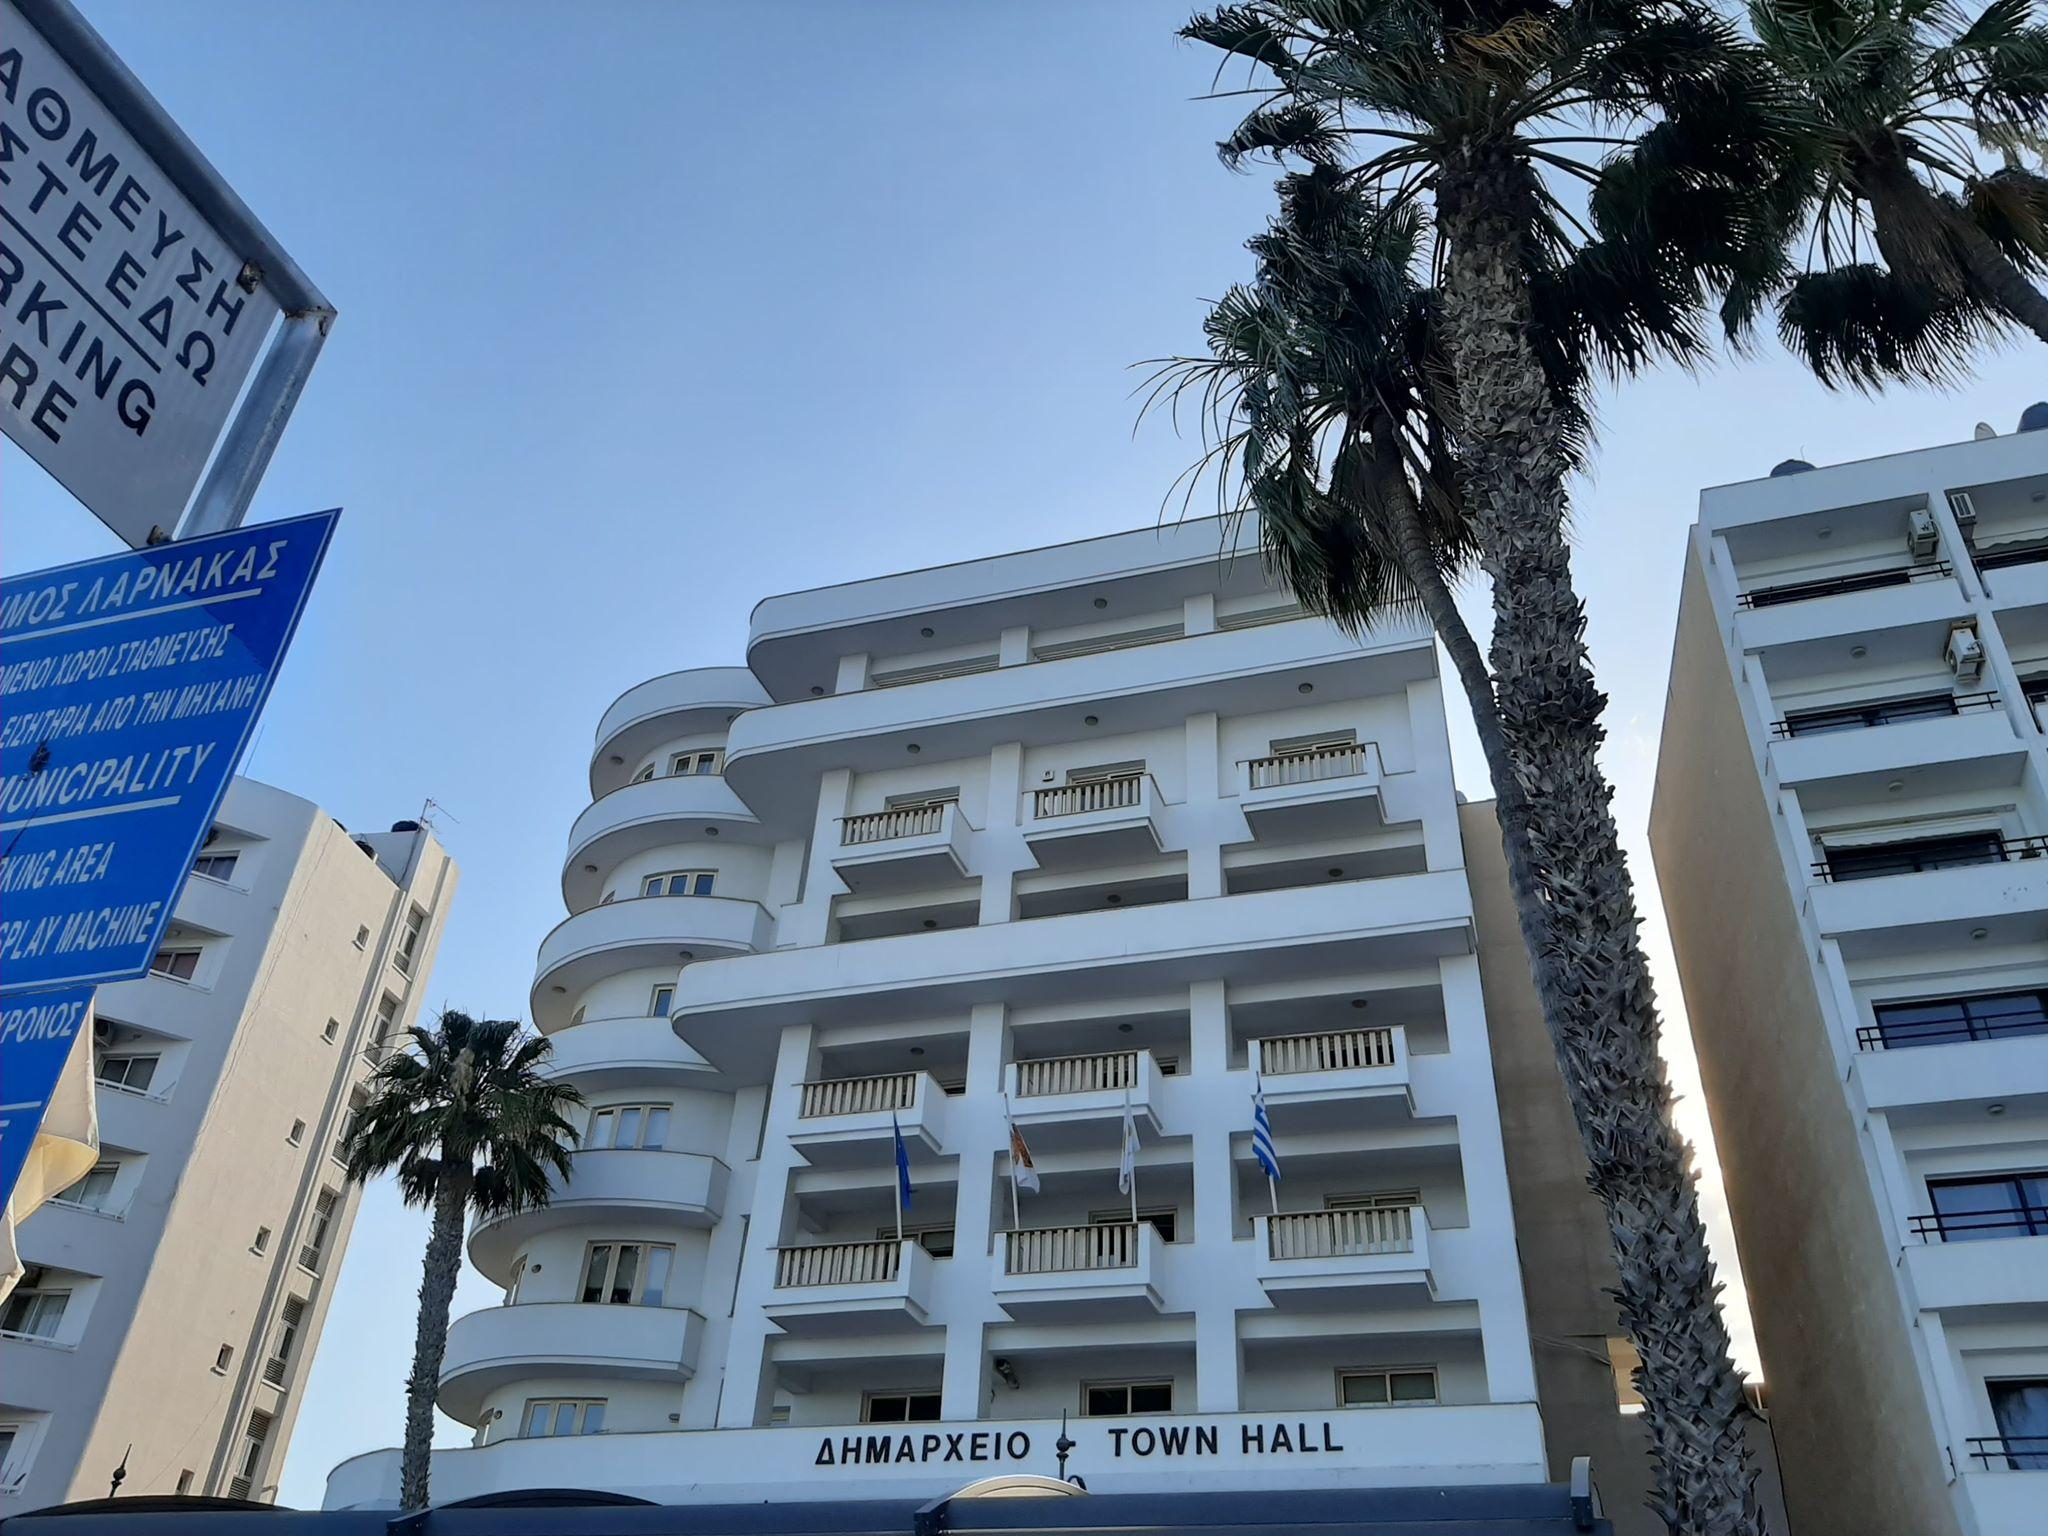 Ο Δήμος Λάρνακας τοποθέτησε μηχανή έκδοσης εισιτηρίων στον δημοτικό χώρο στάθμευσης στη Λεωφ. Τάσου Μητσόπουλου